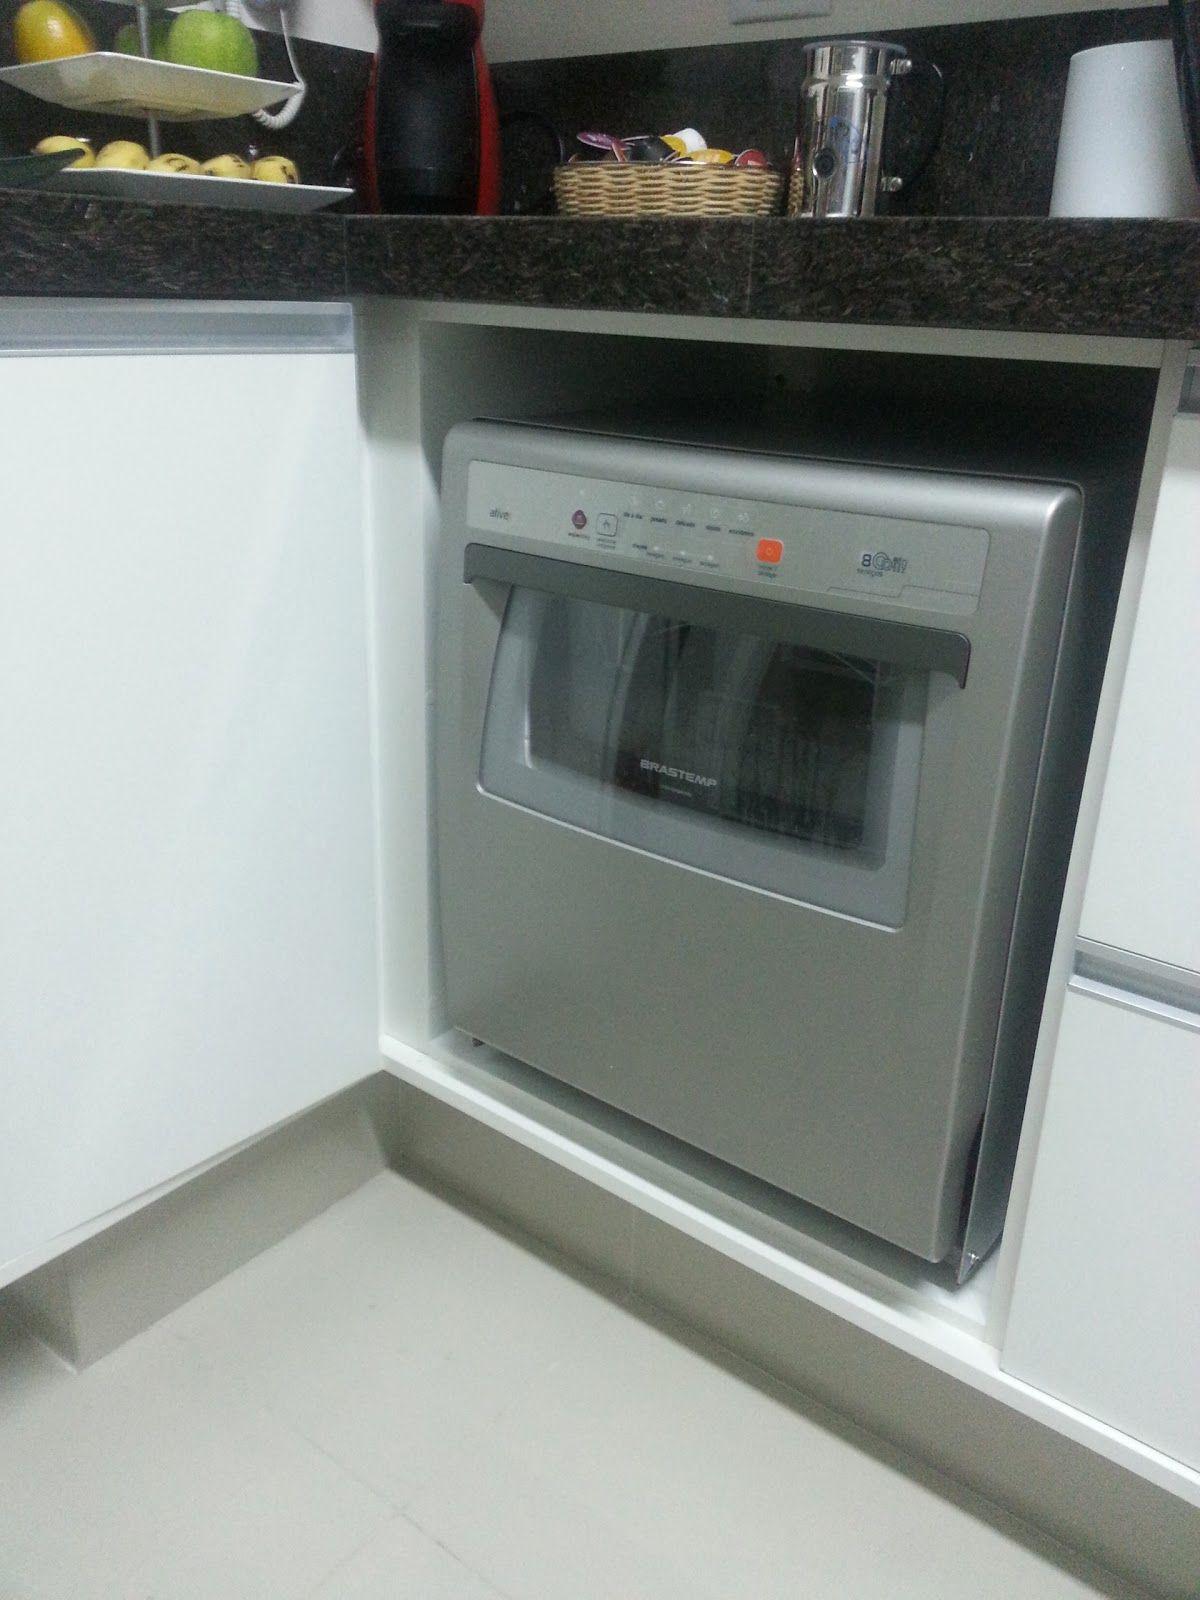 Populares lava-loucas na cozinha - Pesquisa Google | futuro da casinha  RV45